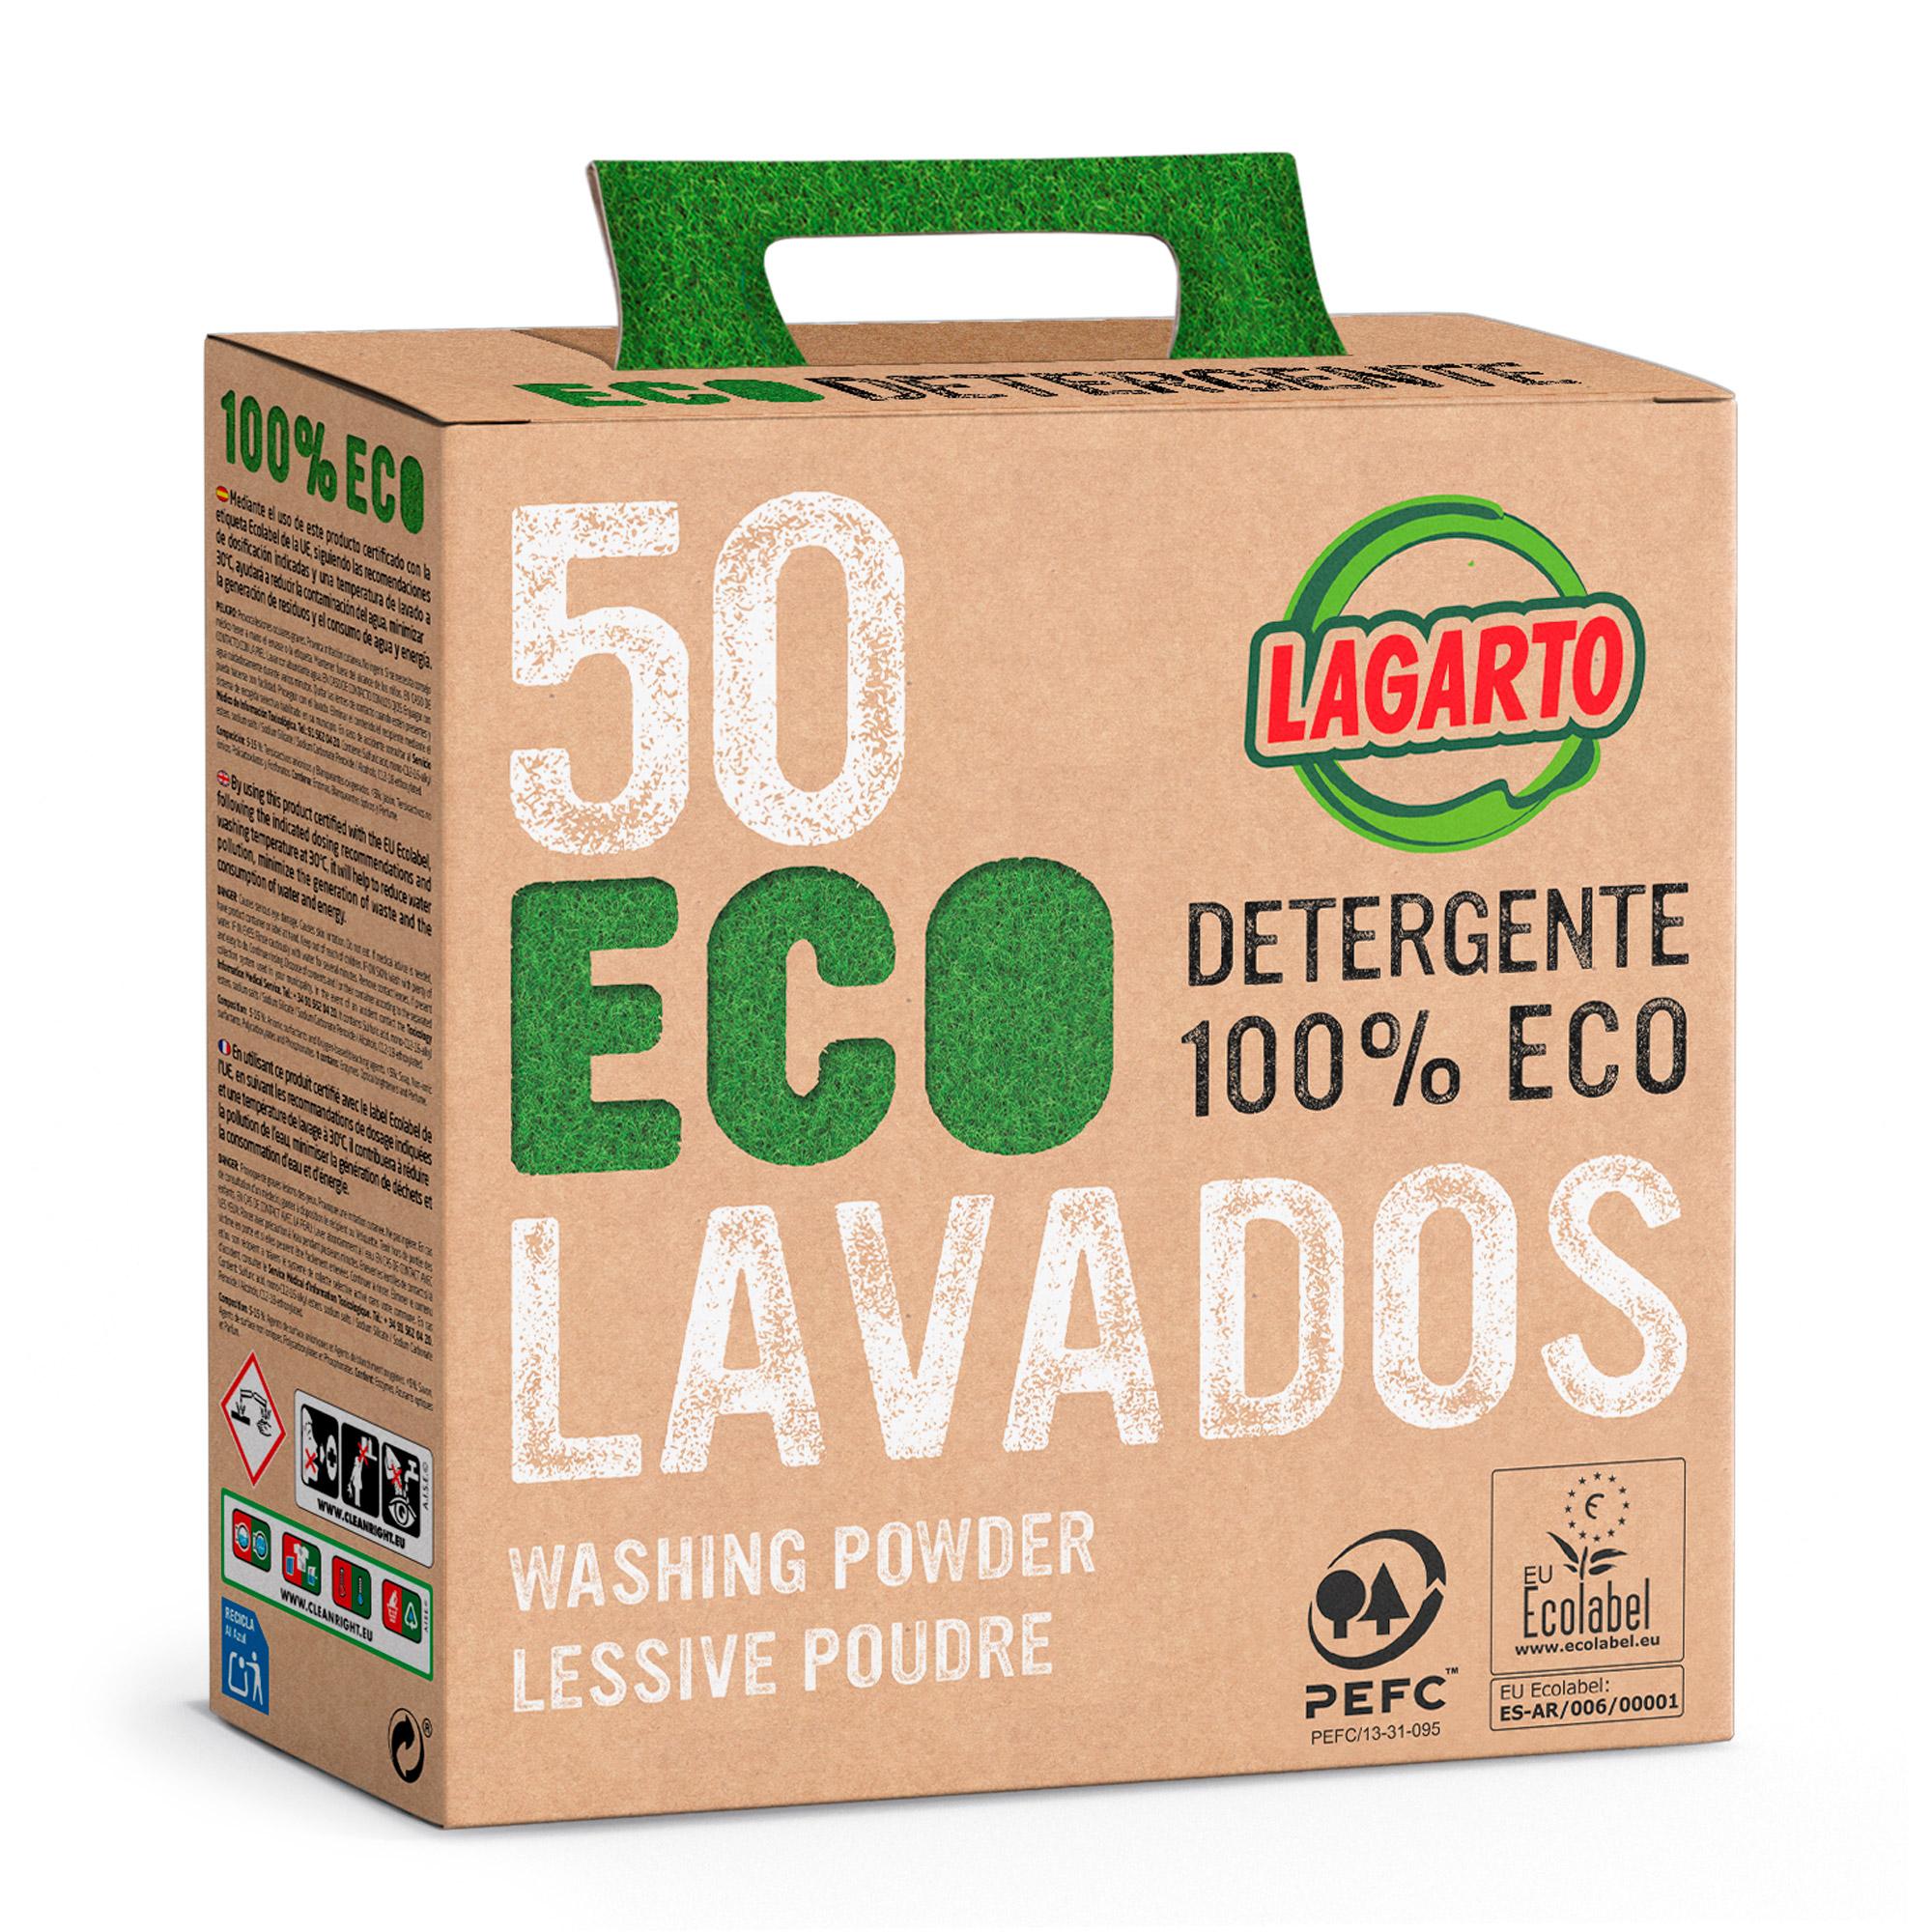 Detergente Lagarto 100% Eco 50 Lavados